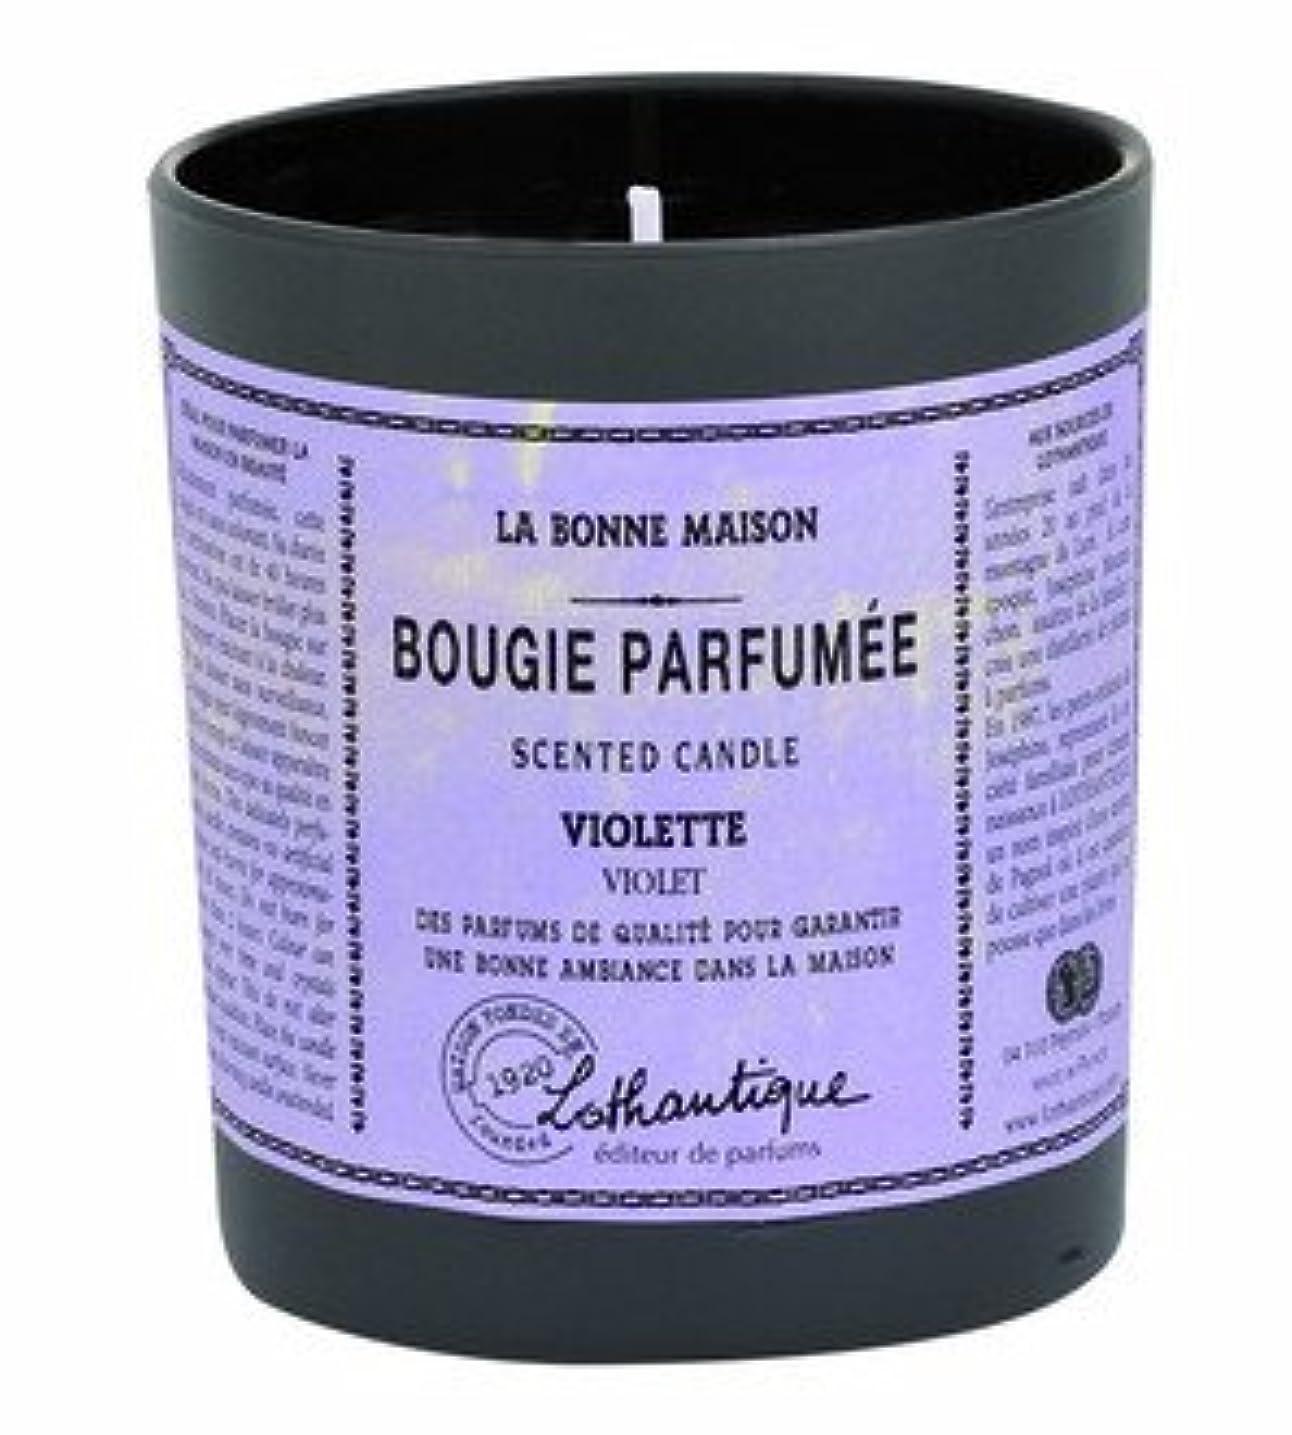 Lothantique(ロタンティック) LES Bonne Maison(ボンメゾンシリーズ) グラスキャンドル 160g 「グレープフルーツ」 3420070039453